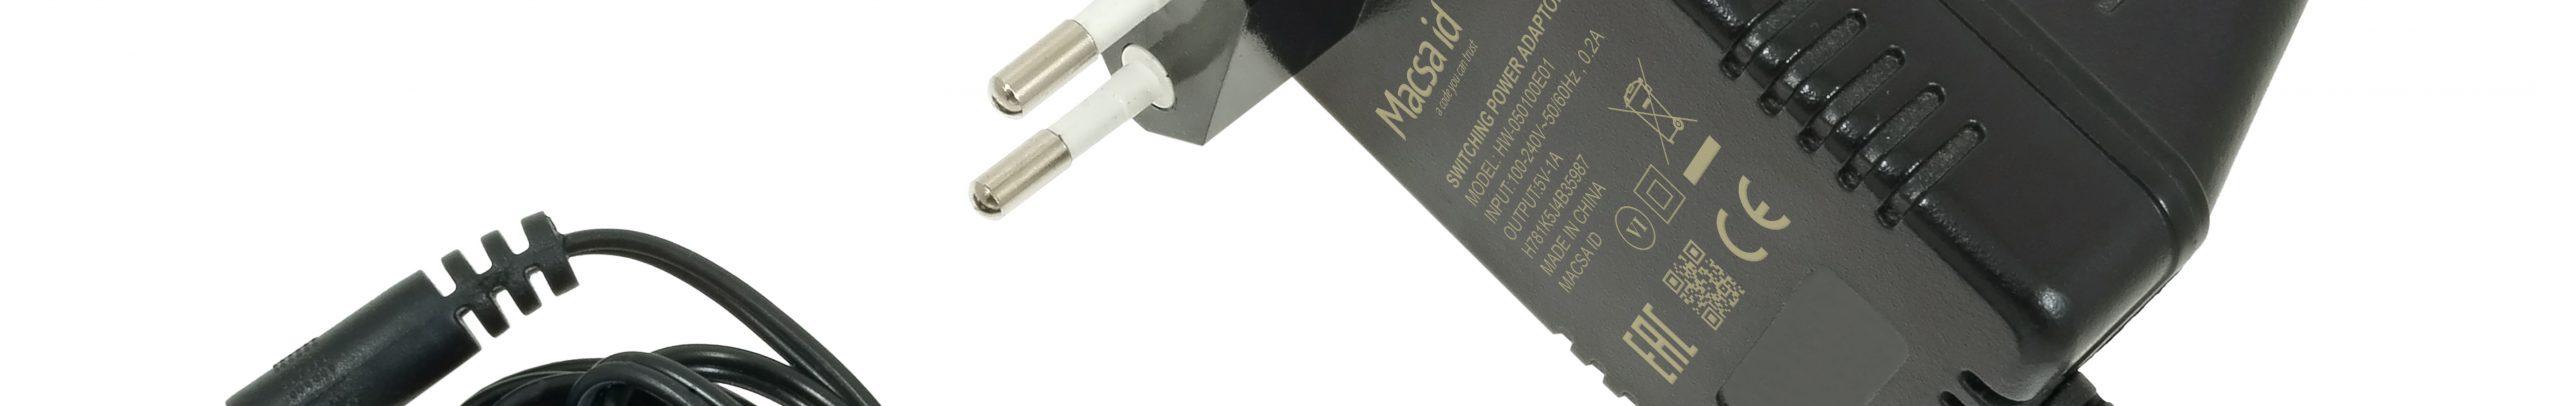 Personalización y marcaje láser de transformadores enchufables